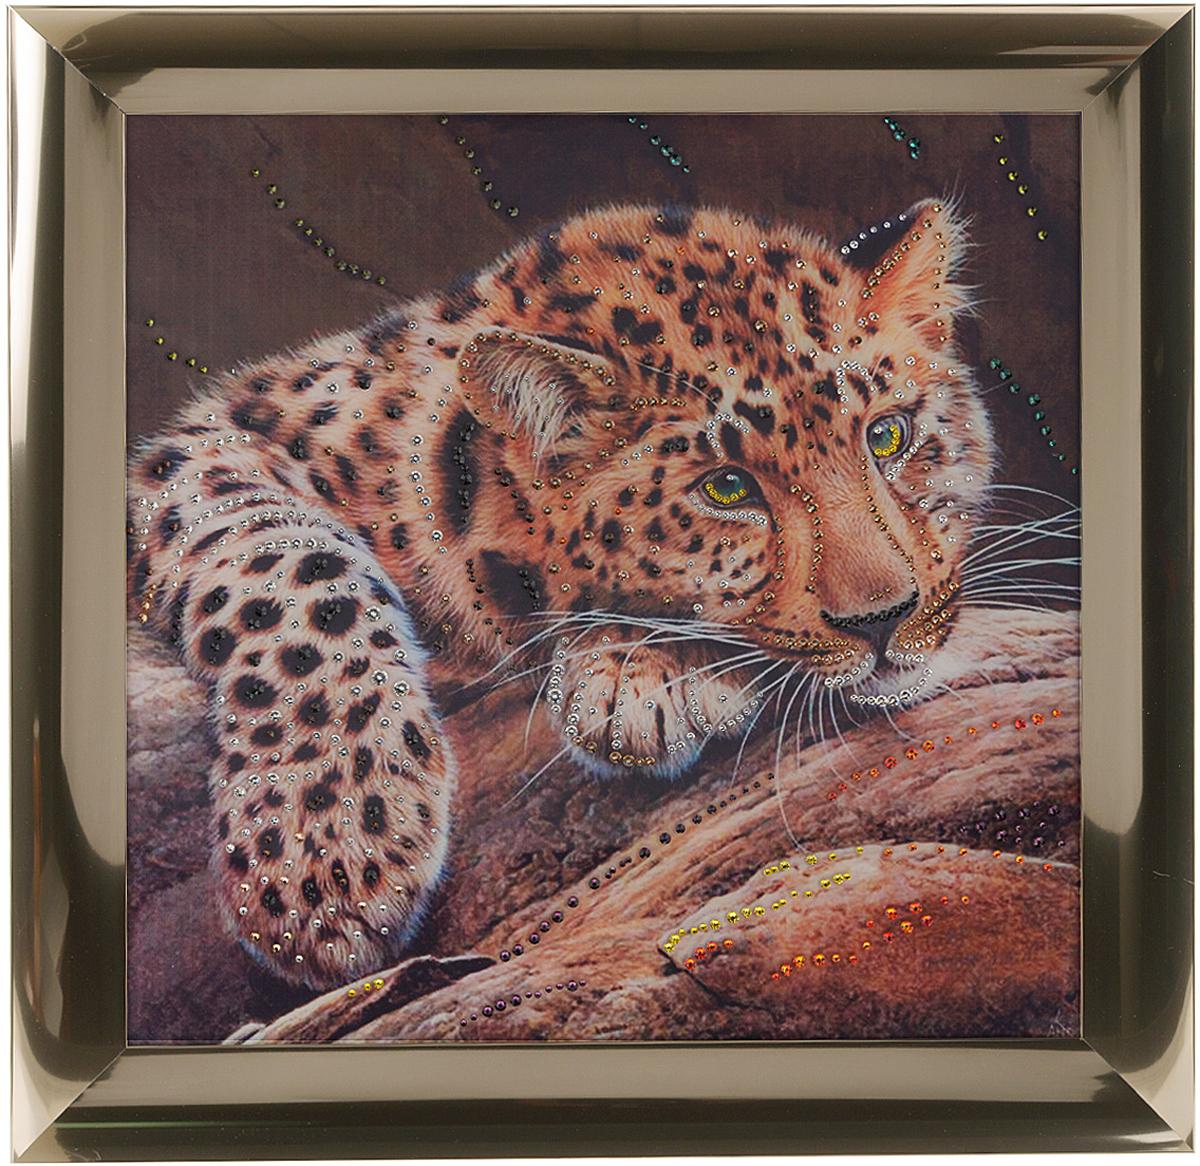 Картина с кристаллами Swarovski Леопард, 47 см х 47 см1332Изящная картина в металлической раме, инкрустирована кристаллами Swarovski, которые отличаются четкой и ровной огранкой, ярким блеском и чистотой цвета. Красочное изображение леопарда, расположенное под стеклом, прекрасно дополняет блеск кристаллов. С обратной стороны имеется металлическая петелька для размещения картины на стене.Картина с кристаллами Swarovski Леопард элегантно украсит интерьер дома или офиса, а также станет прекрасным подарком, который обязательно понравится получателю. Блеск кристаллов в интерьере, что может быть сказочнее и удивительнее.Картина упакована в подарочную картонную коробку синего цвета и комплектуется сертификатом соответствия Swarovski.